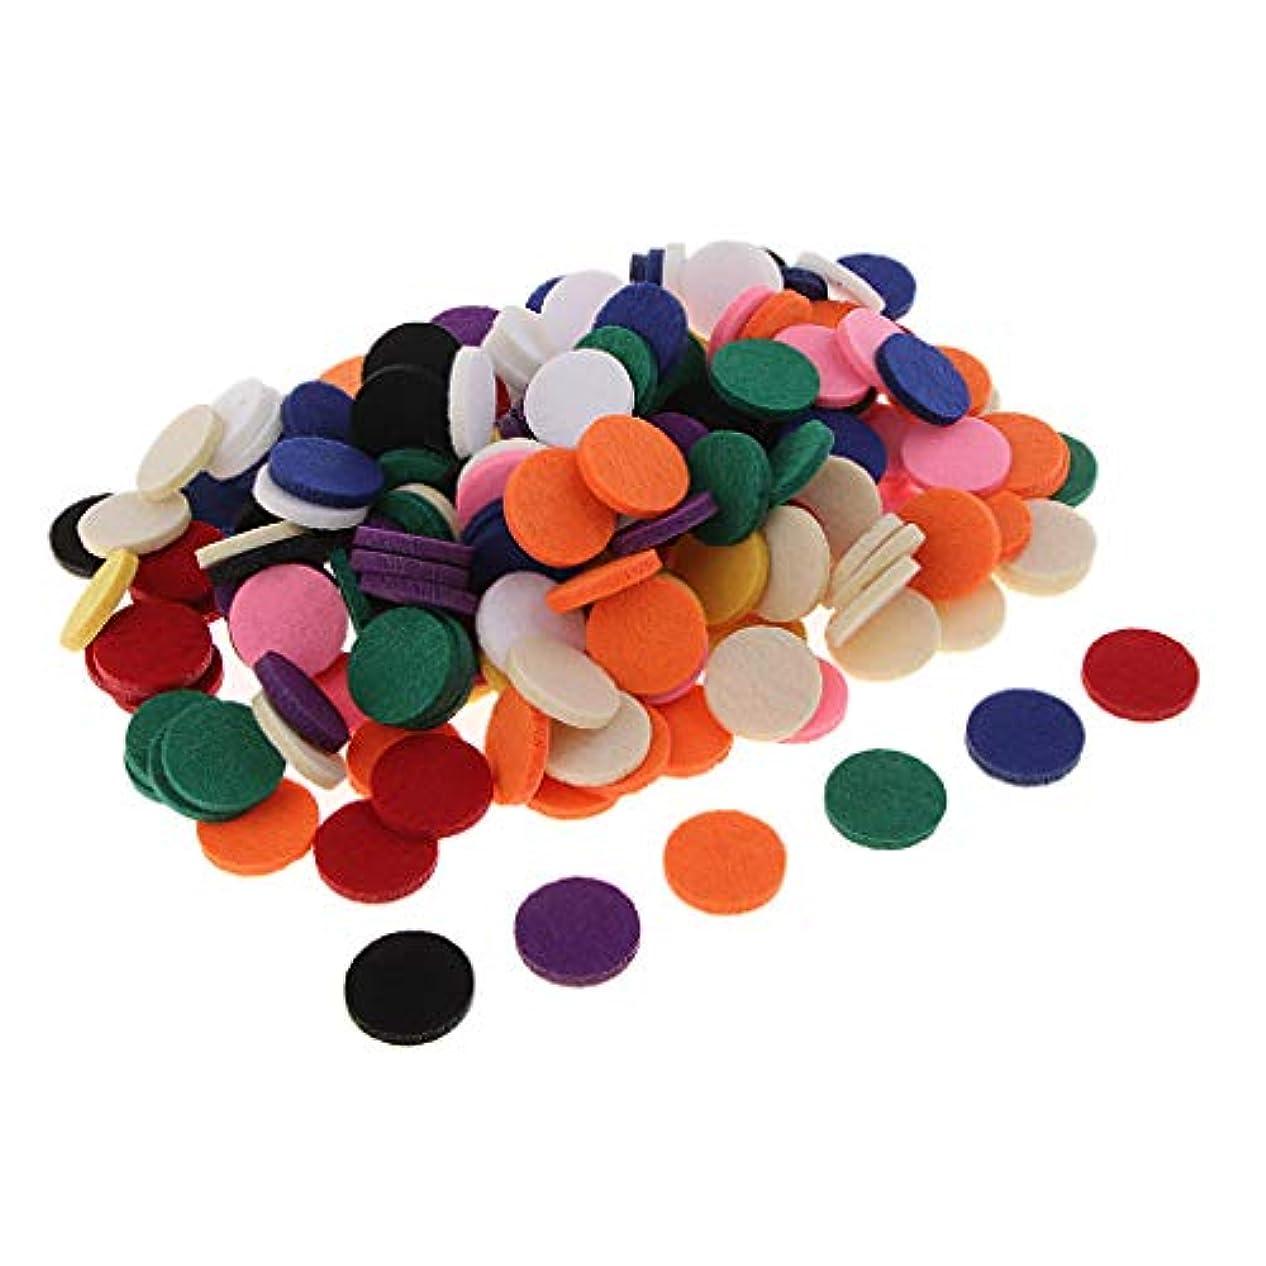 枯渇する列挙する世代アロマオイルパッド ディフューザー パッド アロマパッド 詰め替えパッド 交換用 全11色 - 混在